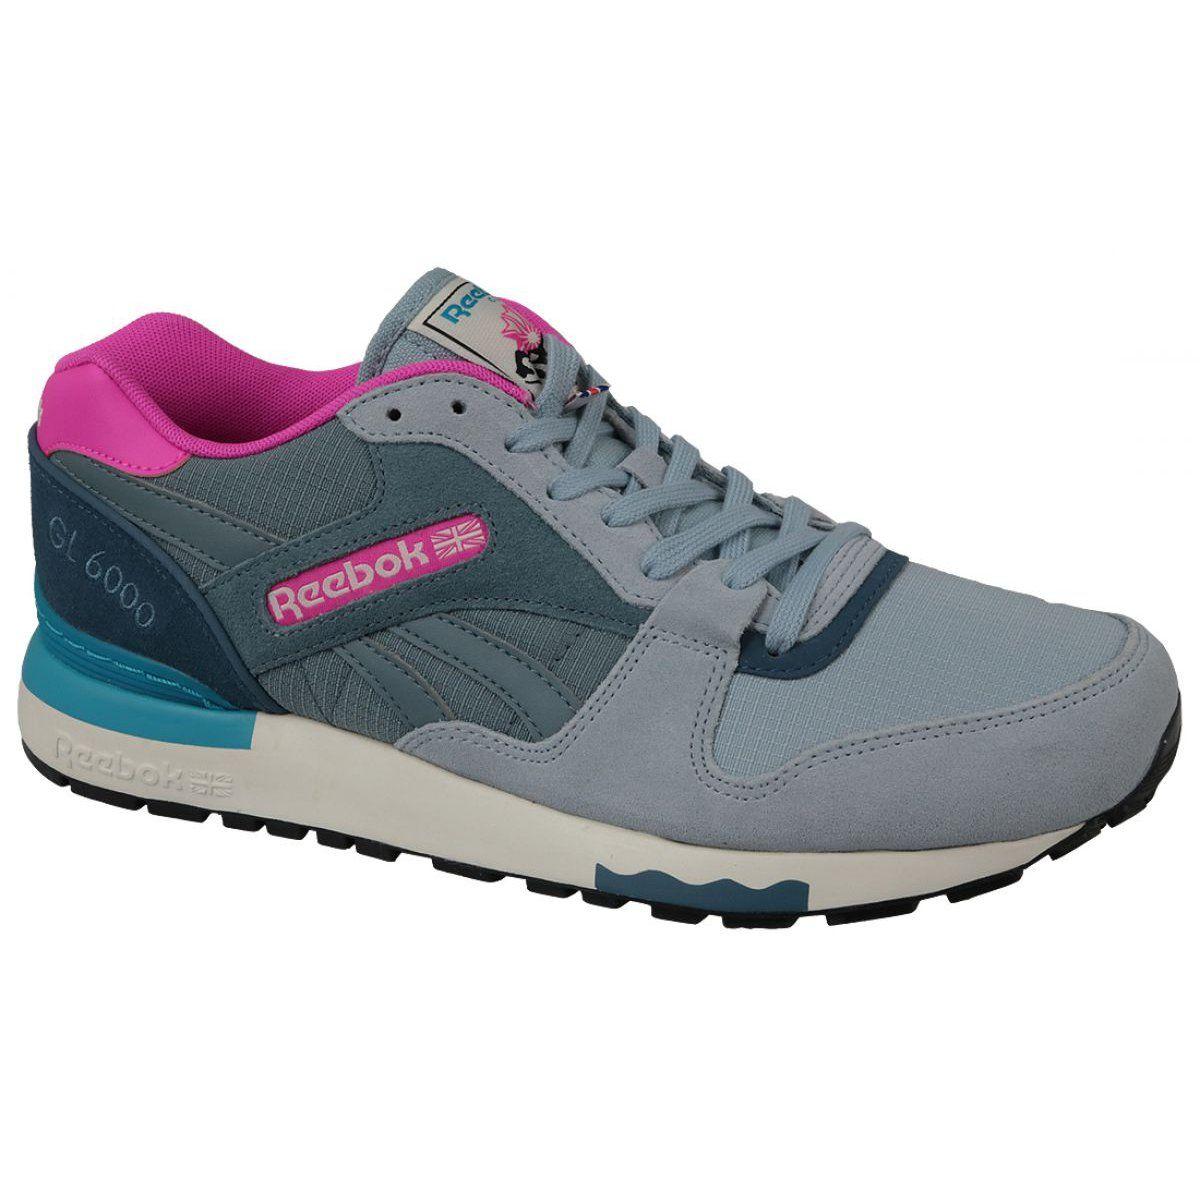 Buty Reebok Gl 6000 Out Color W Bd1579 Szare Sneakers Fashion Reebok Reebok Sneakers